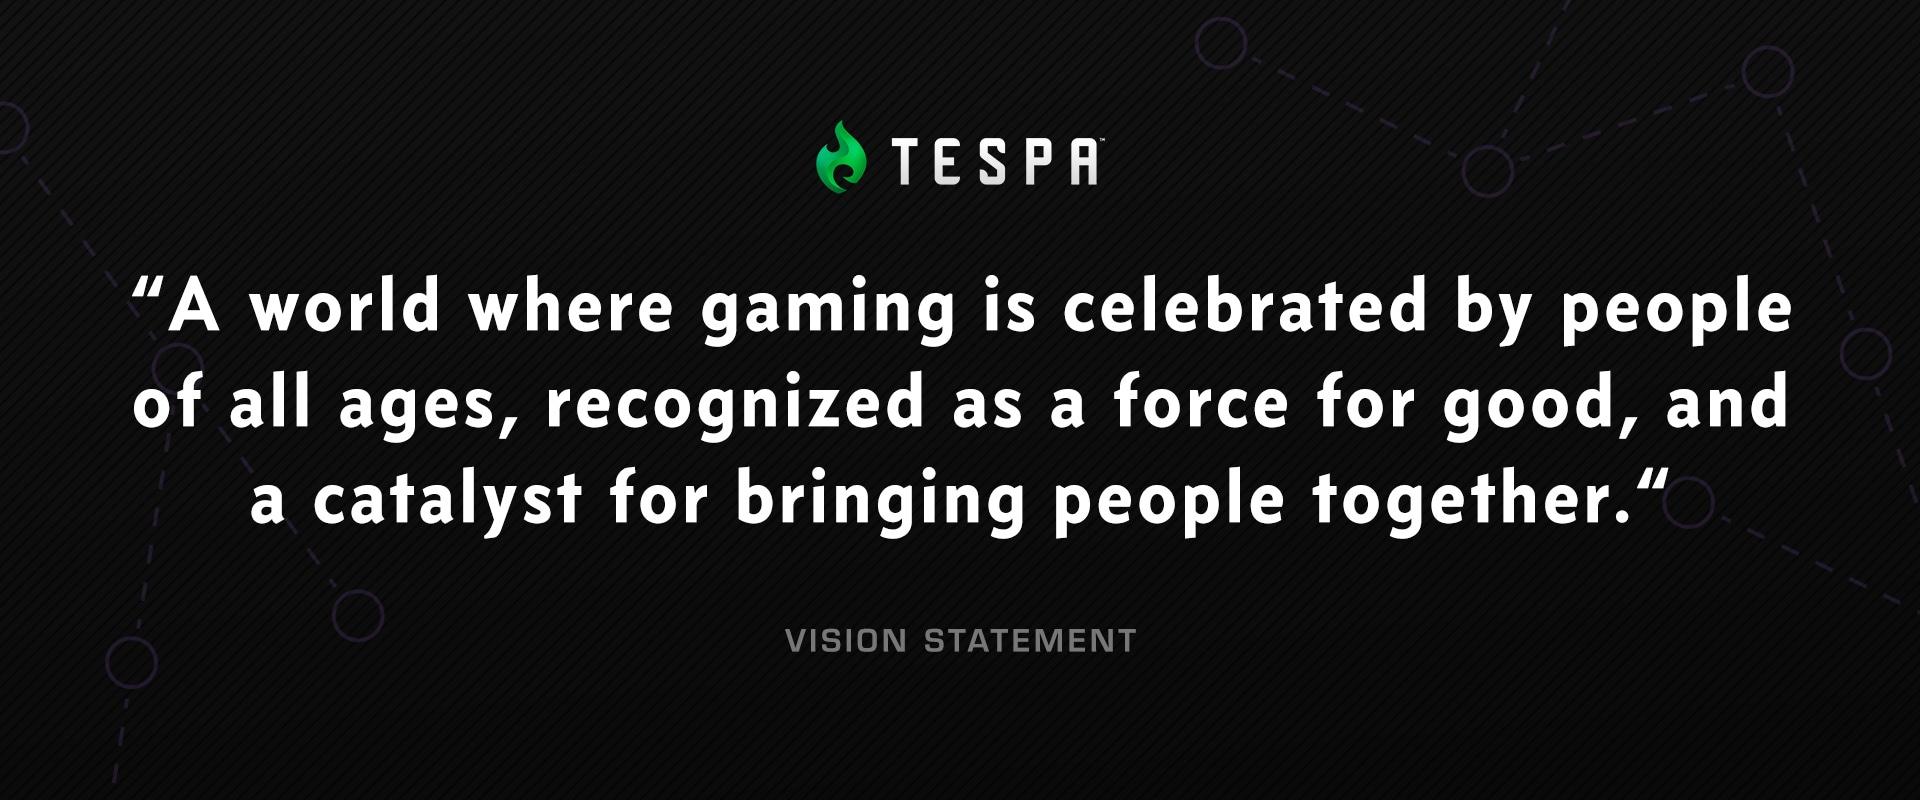 Tespa_Vision_v2.jpg